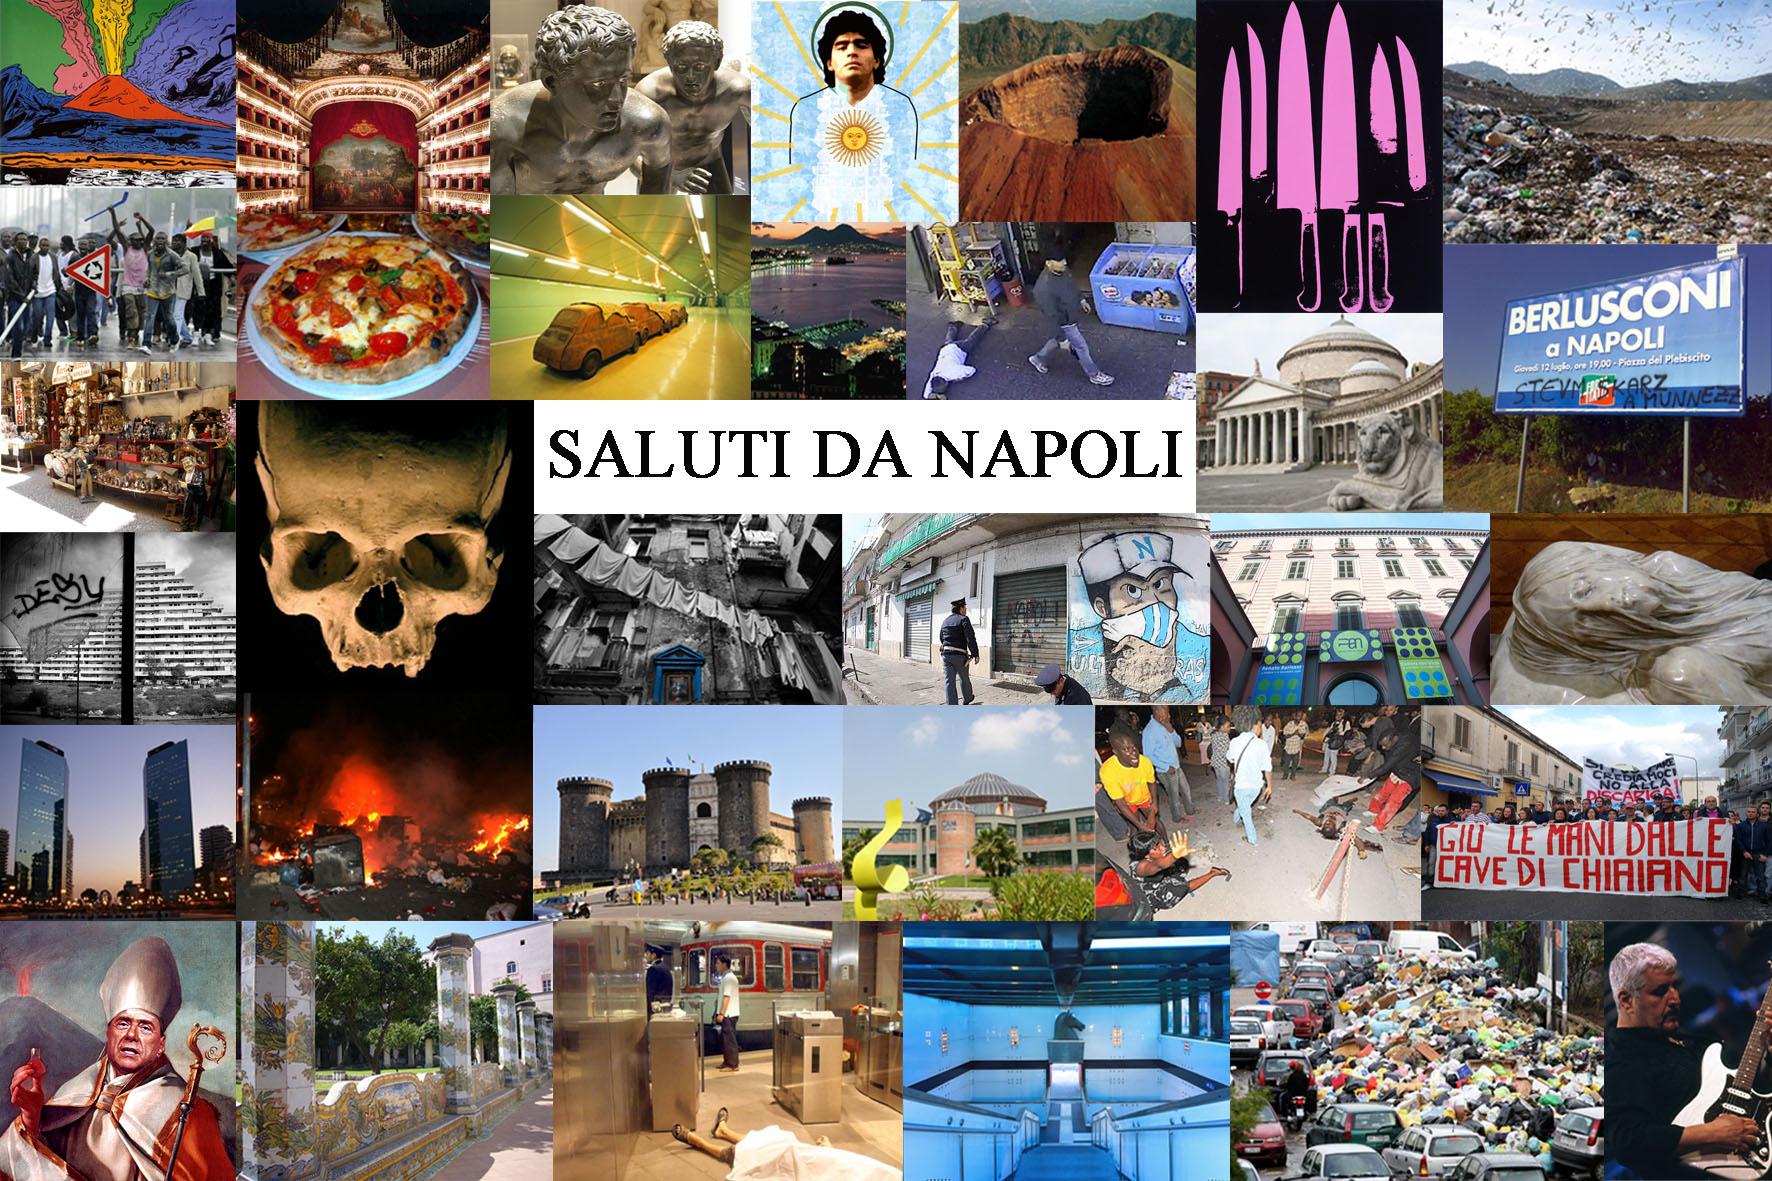 """Domenica 19 dicembre alle ore 18.00 il CAM (Casoria Contemporary Art Museum) presenta """"Saluti da Napoli"""" a cura di Antonio Manfredi. L'evento è il saluto ironico e consapevole di 60 artisti [...]"""